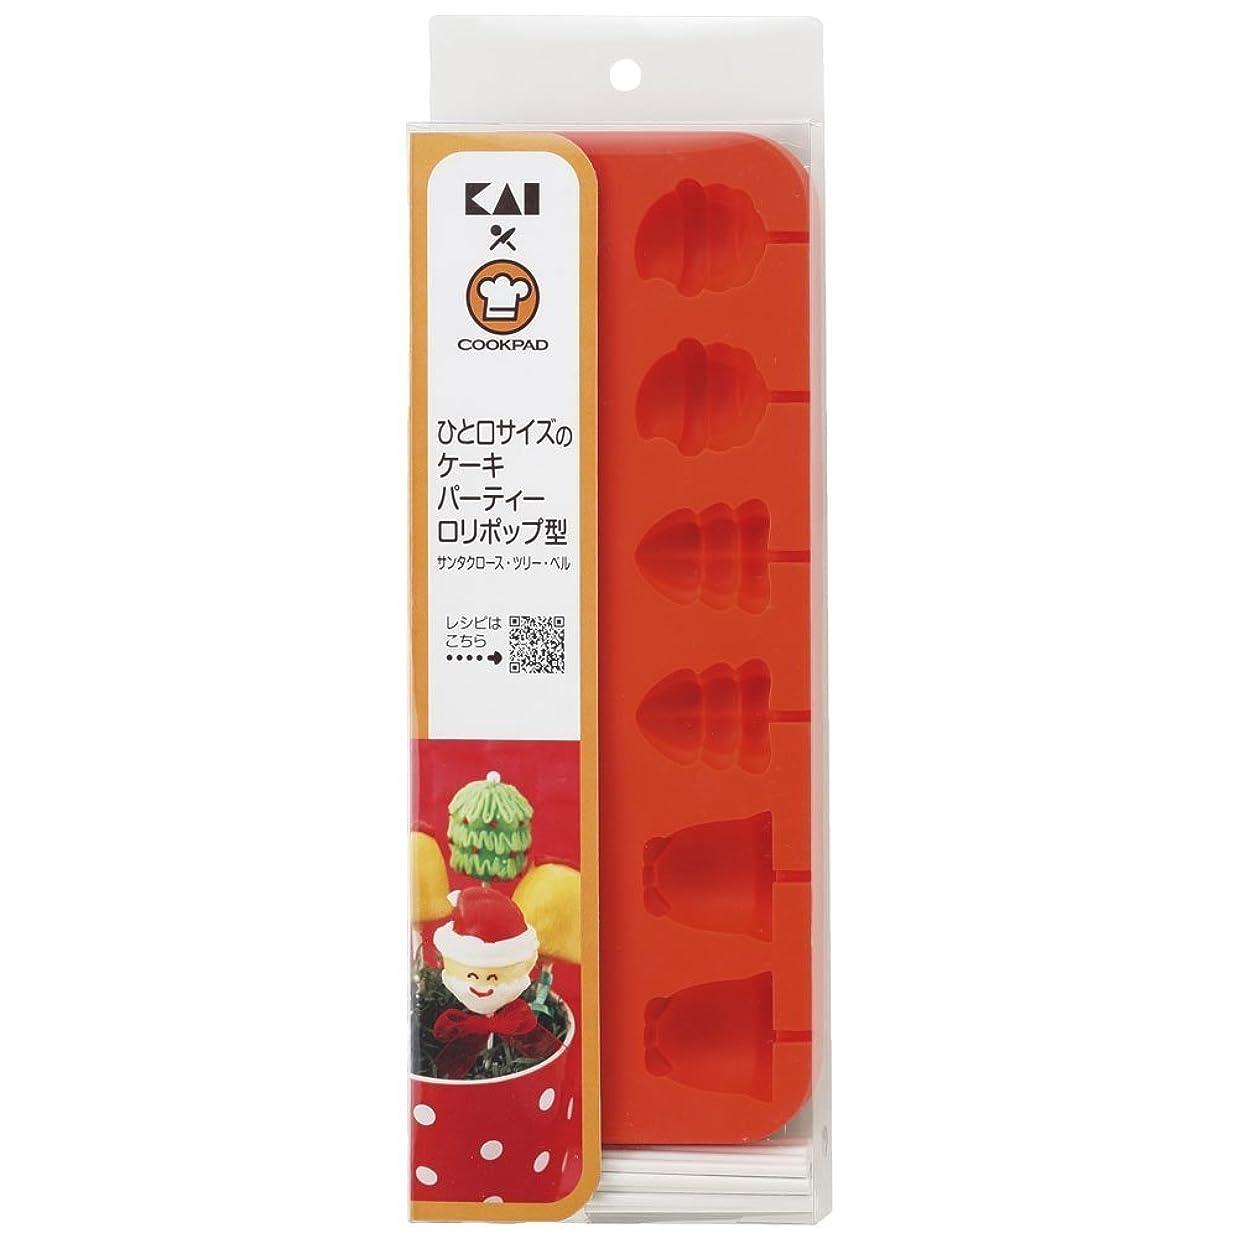 アーティキュレーション純度ロッド貝印×COOKPAD 製菓用品 ひと口サイズのケーキパーティーロリポップ型 サンタクロース?ツ リー?ベル